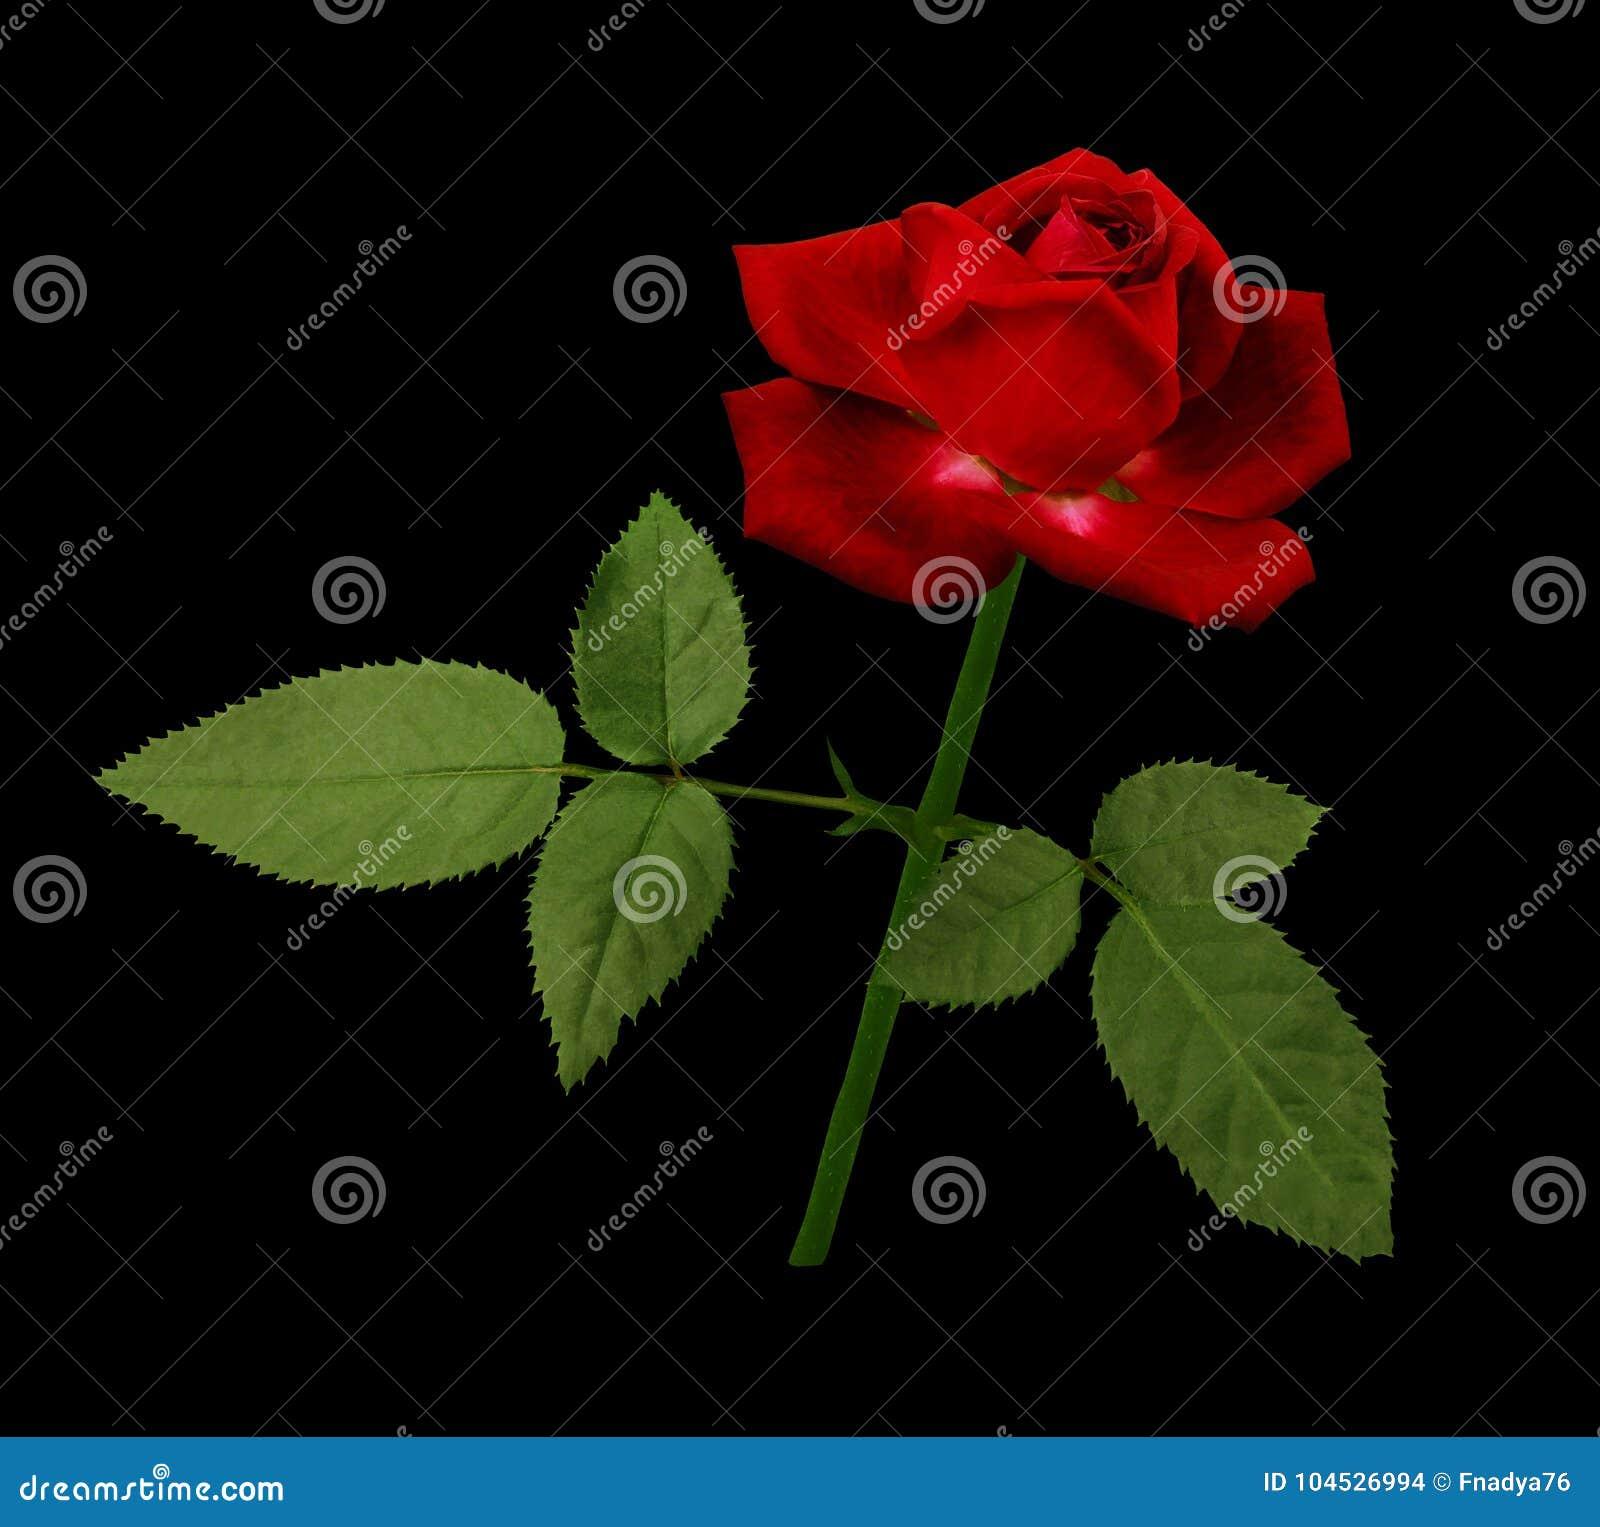 Un Fiore Di Una Rosa Rossa Su Un Gambo Verde Con Le Foglie Fiorisca